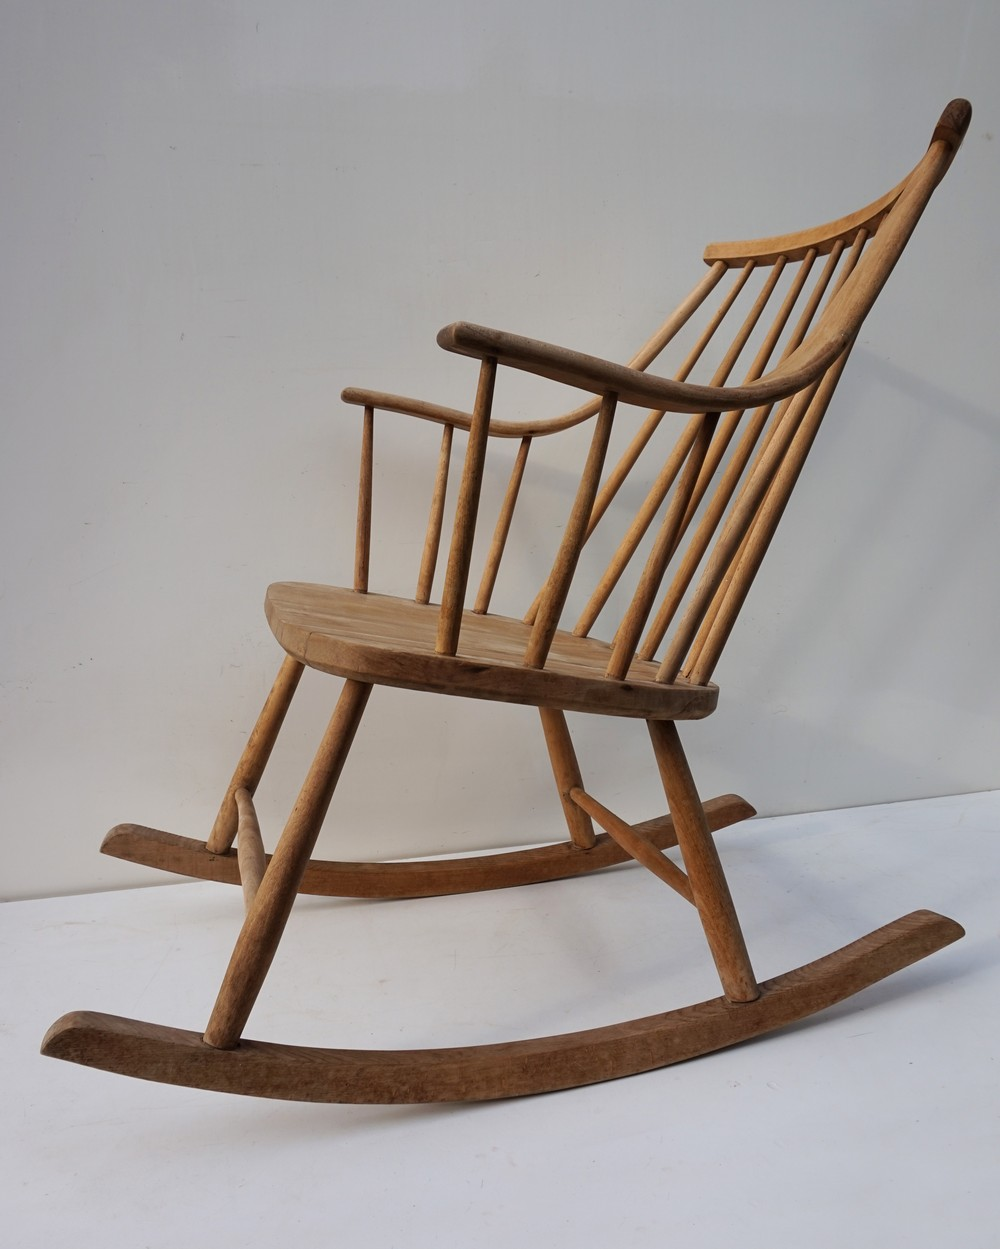 Lena Larsson, Scandinavische, Schommelstoel, Vintage, Rocking Chair